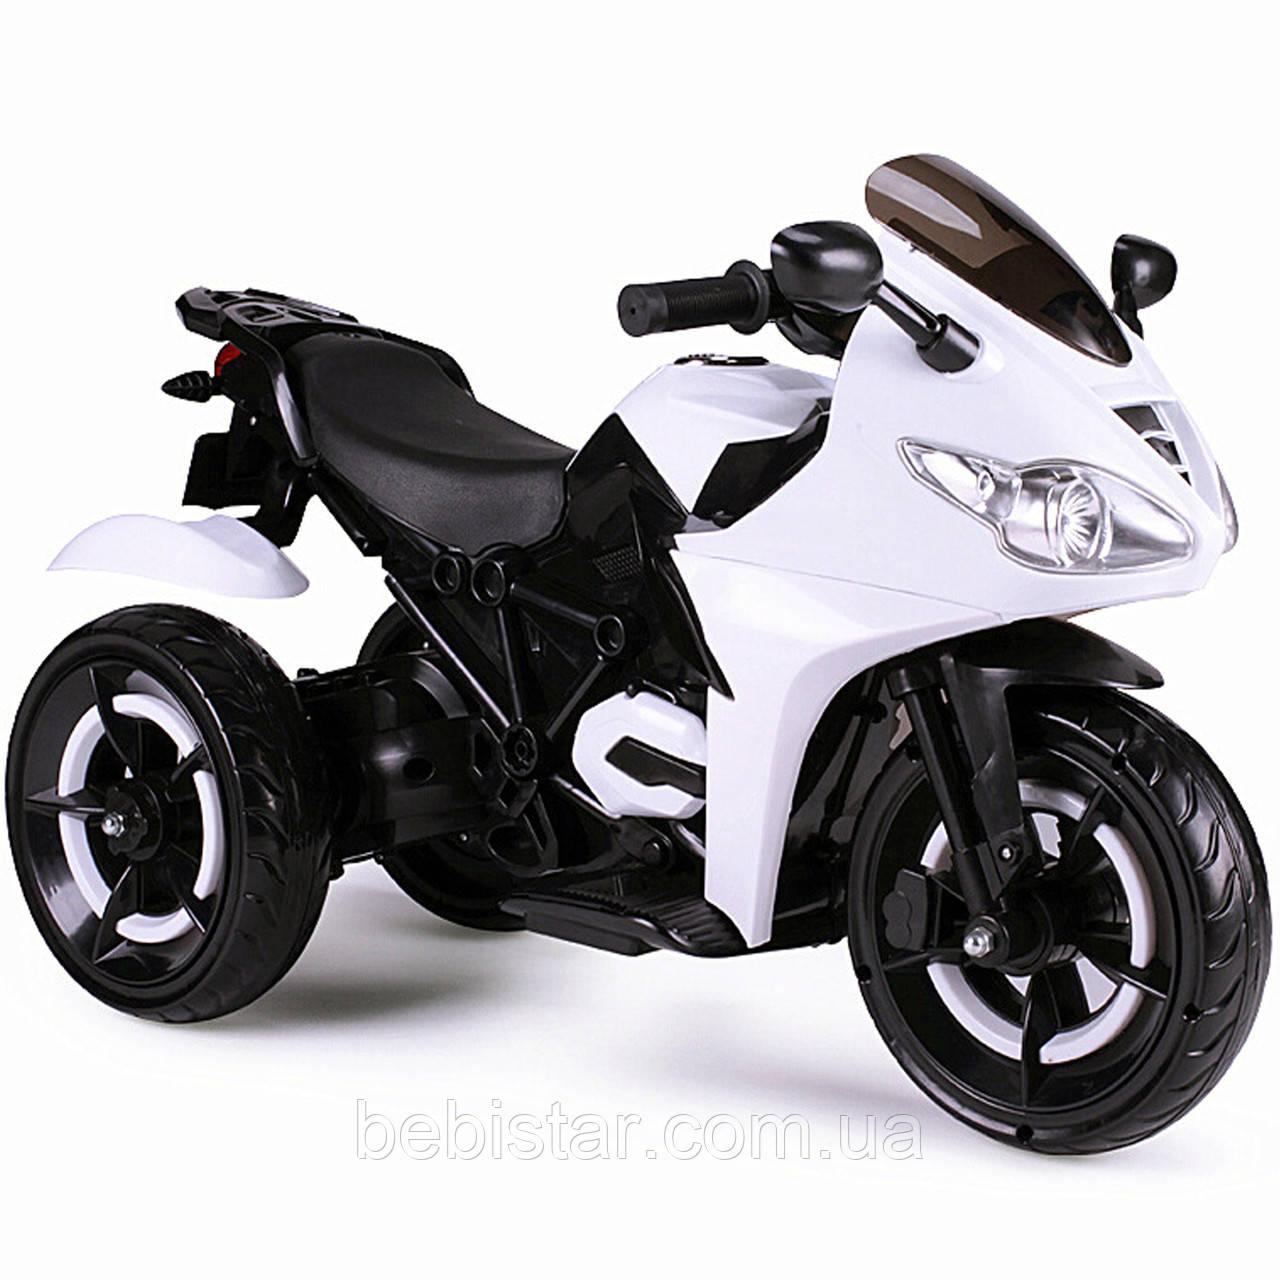 Електромобіль триколісний мотоцикл білий, світяться колеса, діткам 3-8 років мотор 2*14W акумулятор 12V4.5AH